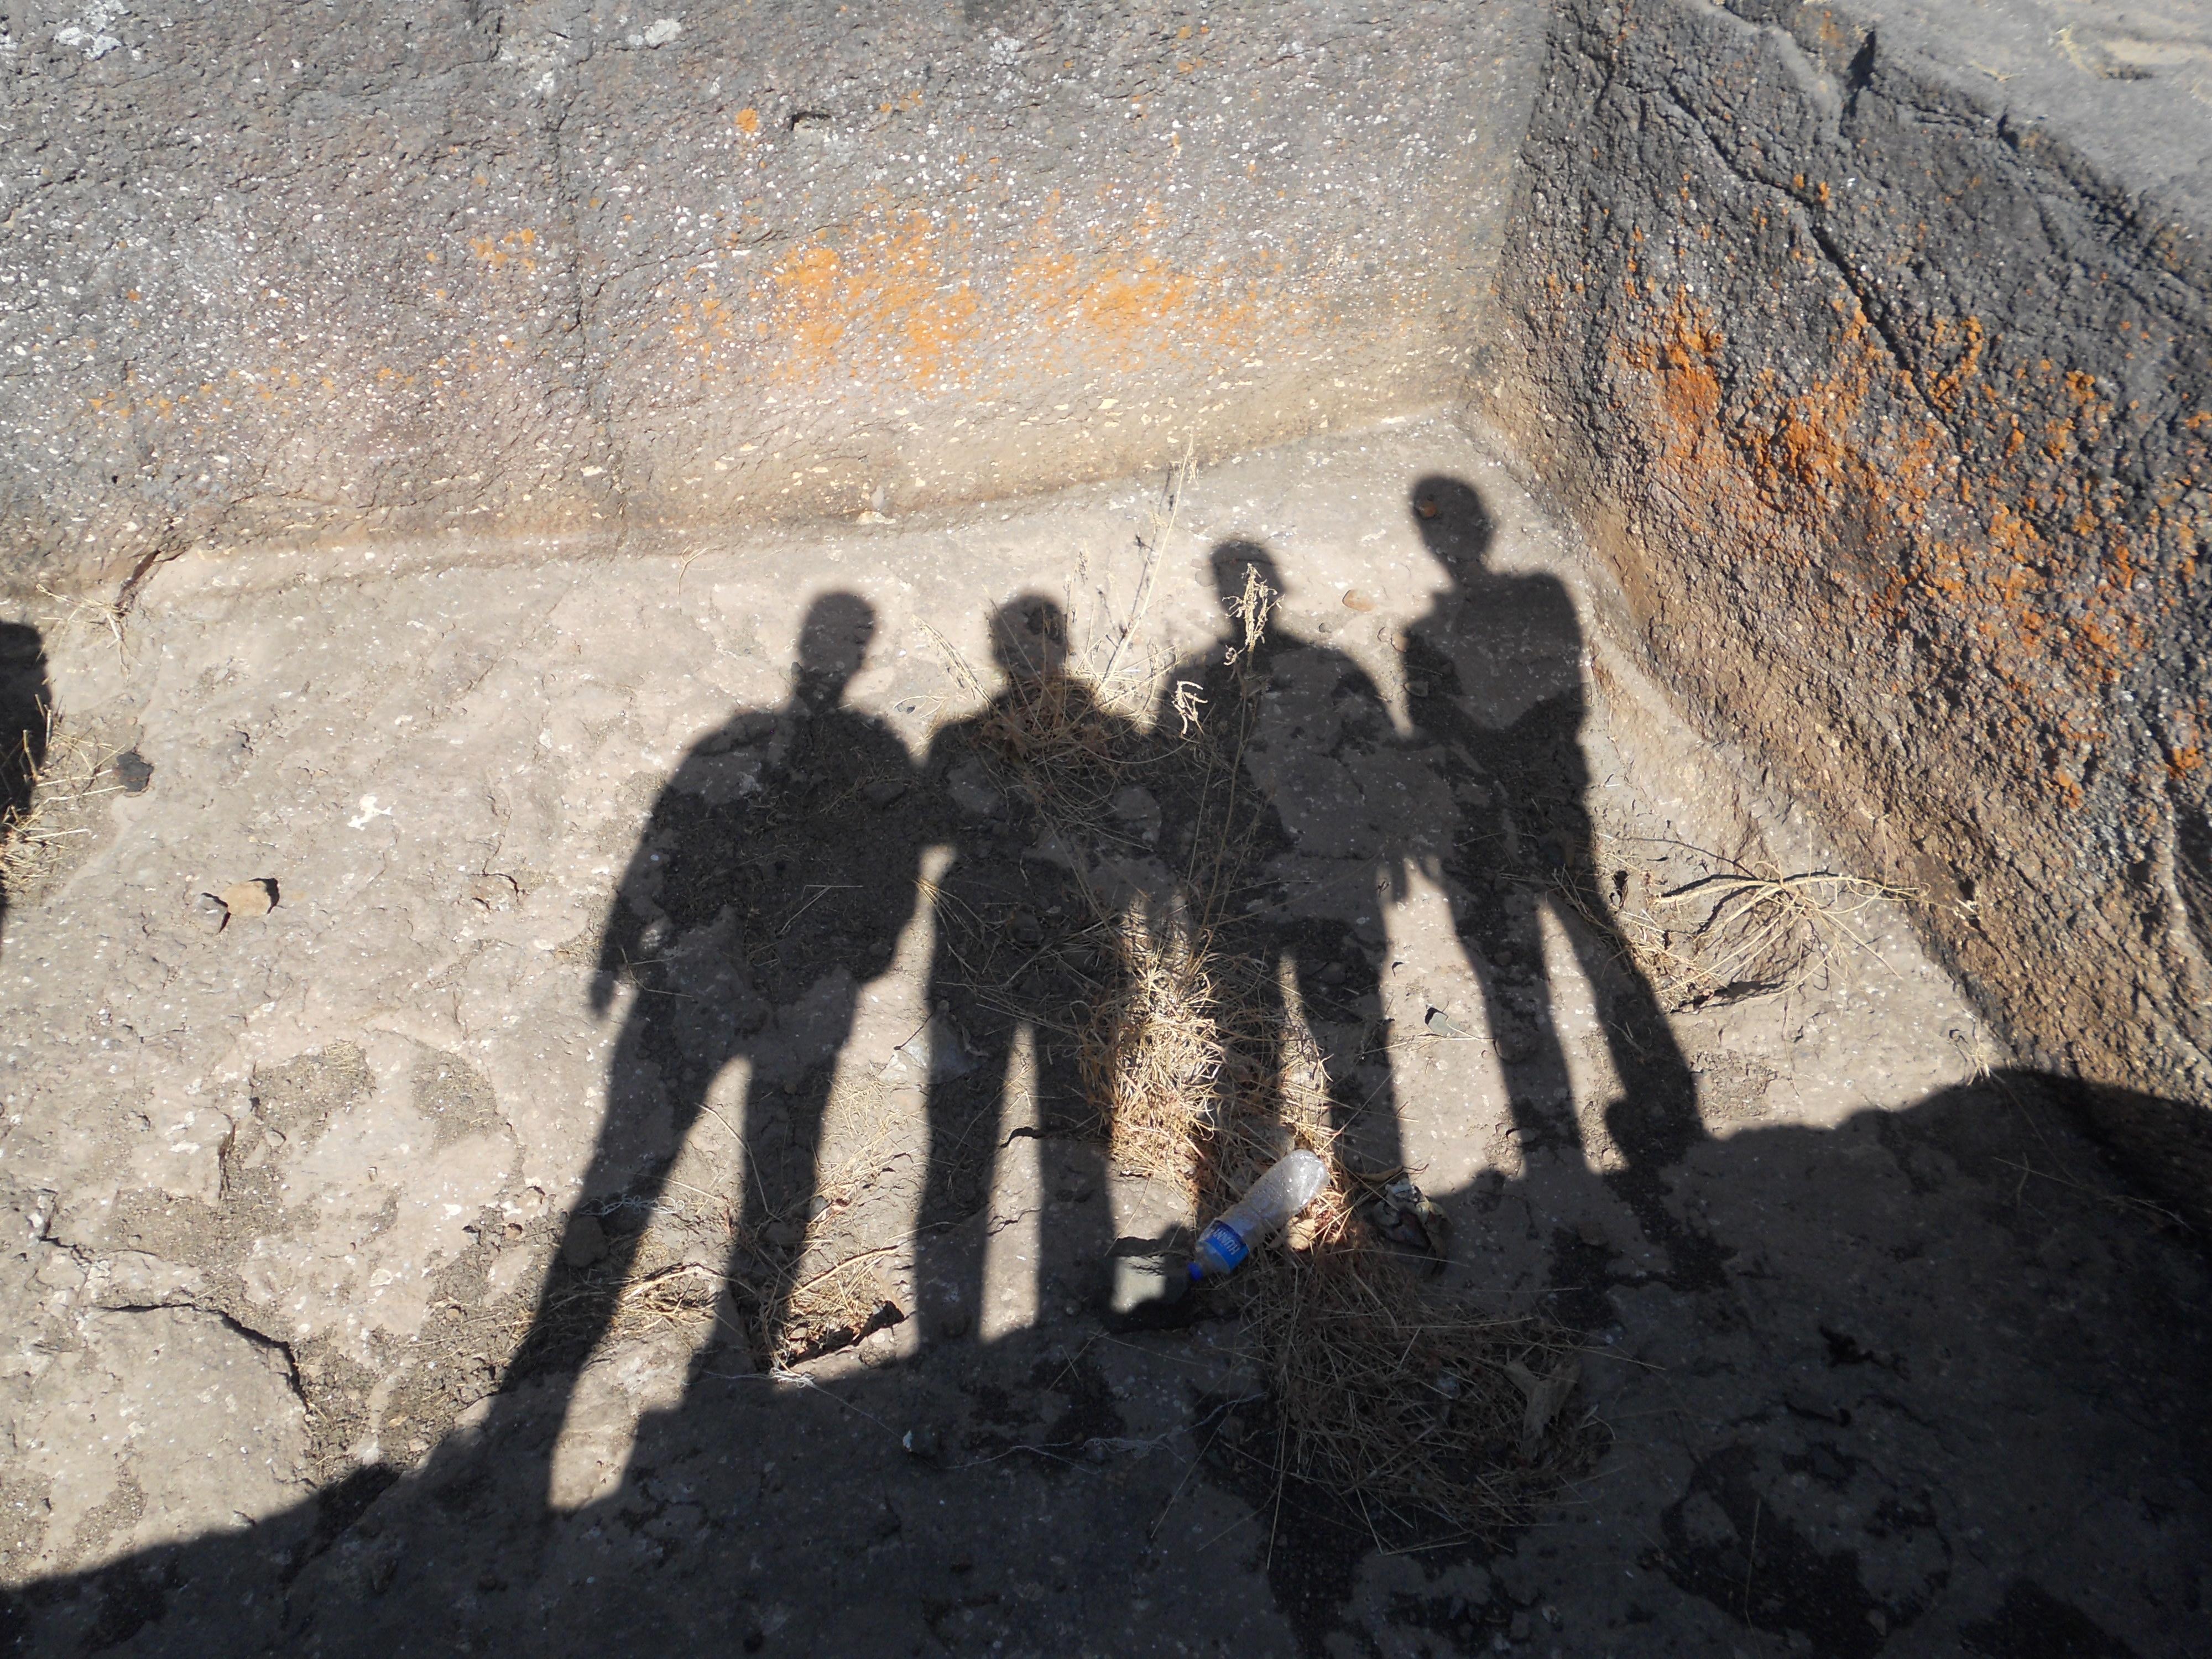 file shadowing jpg file shadowing jpg